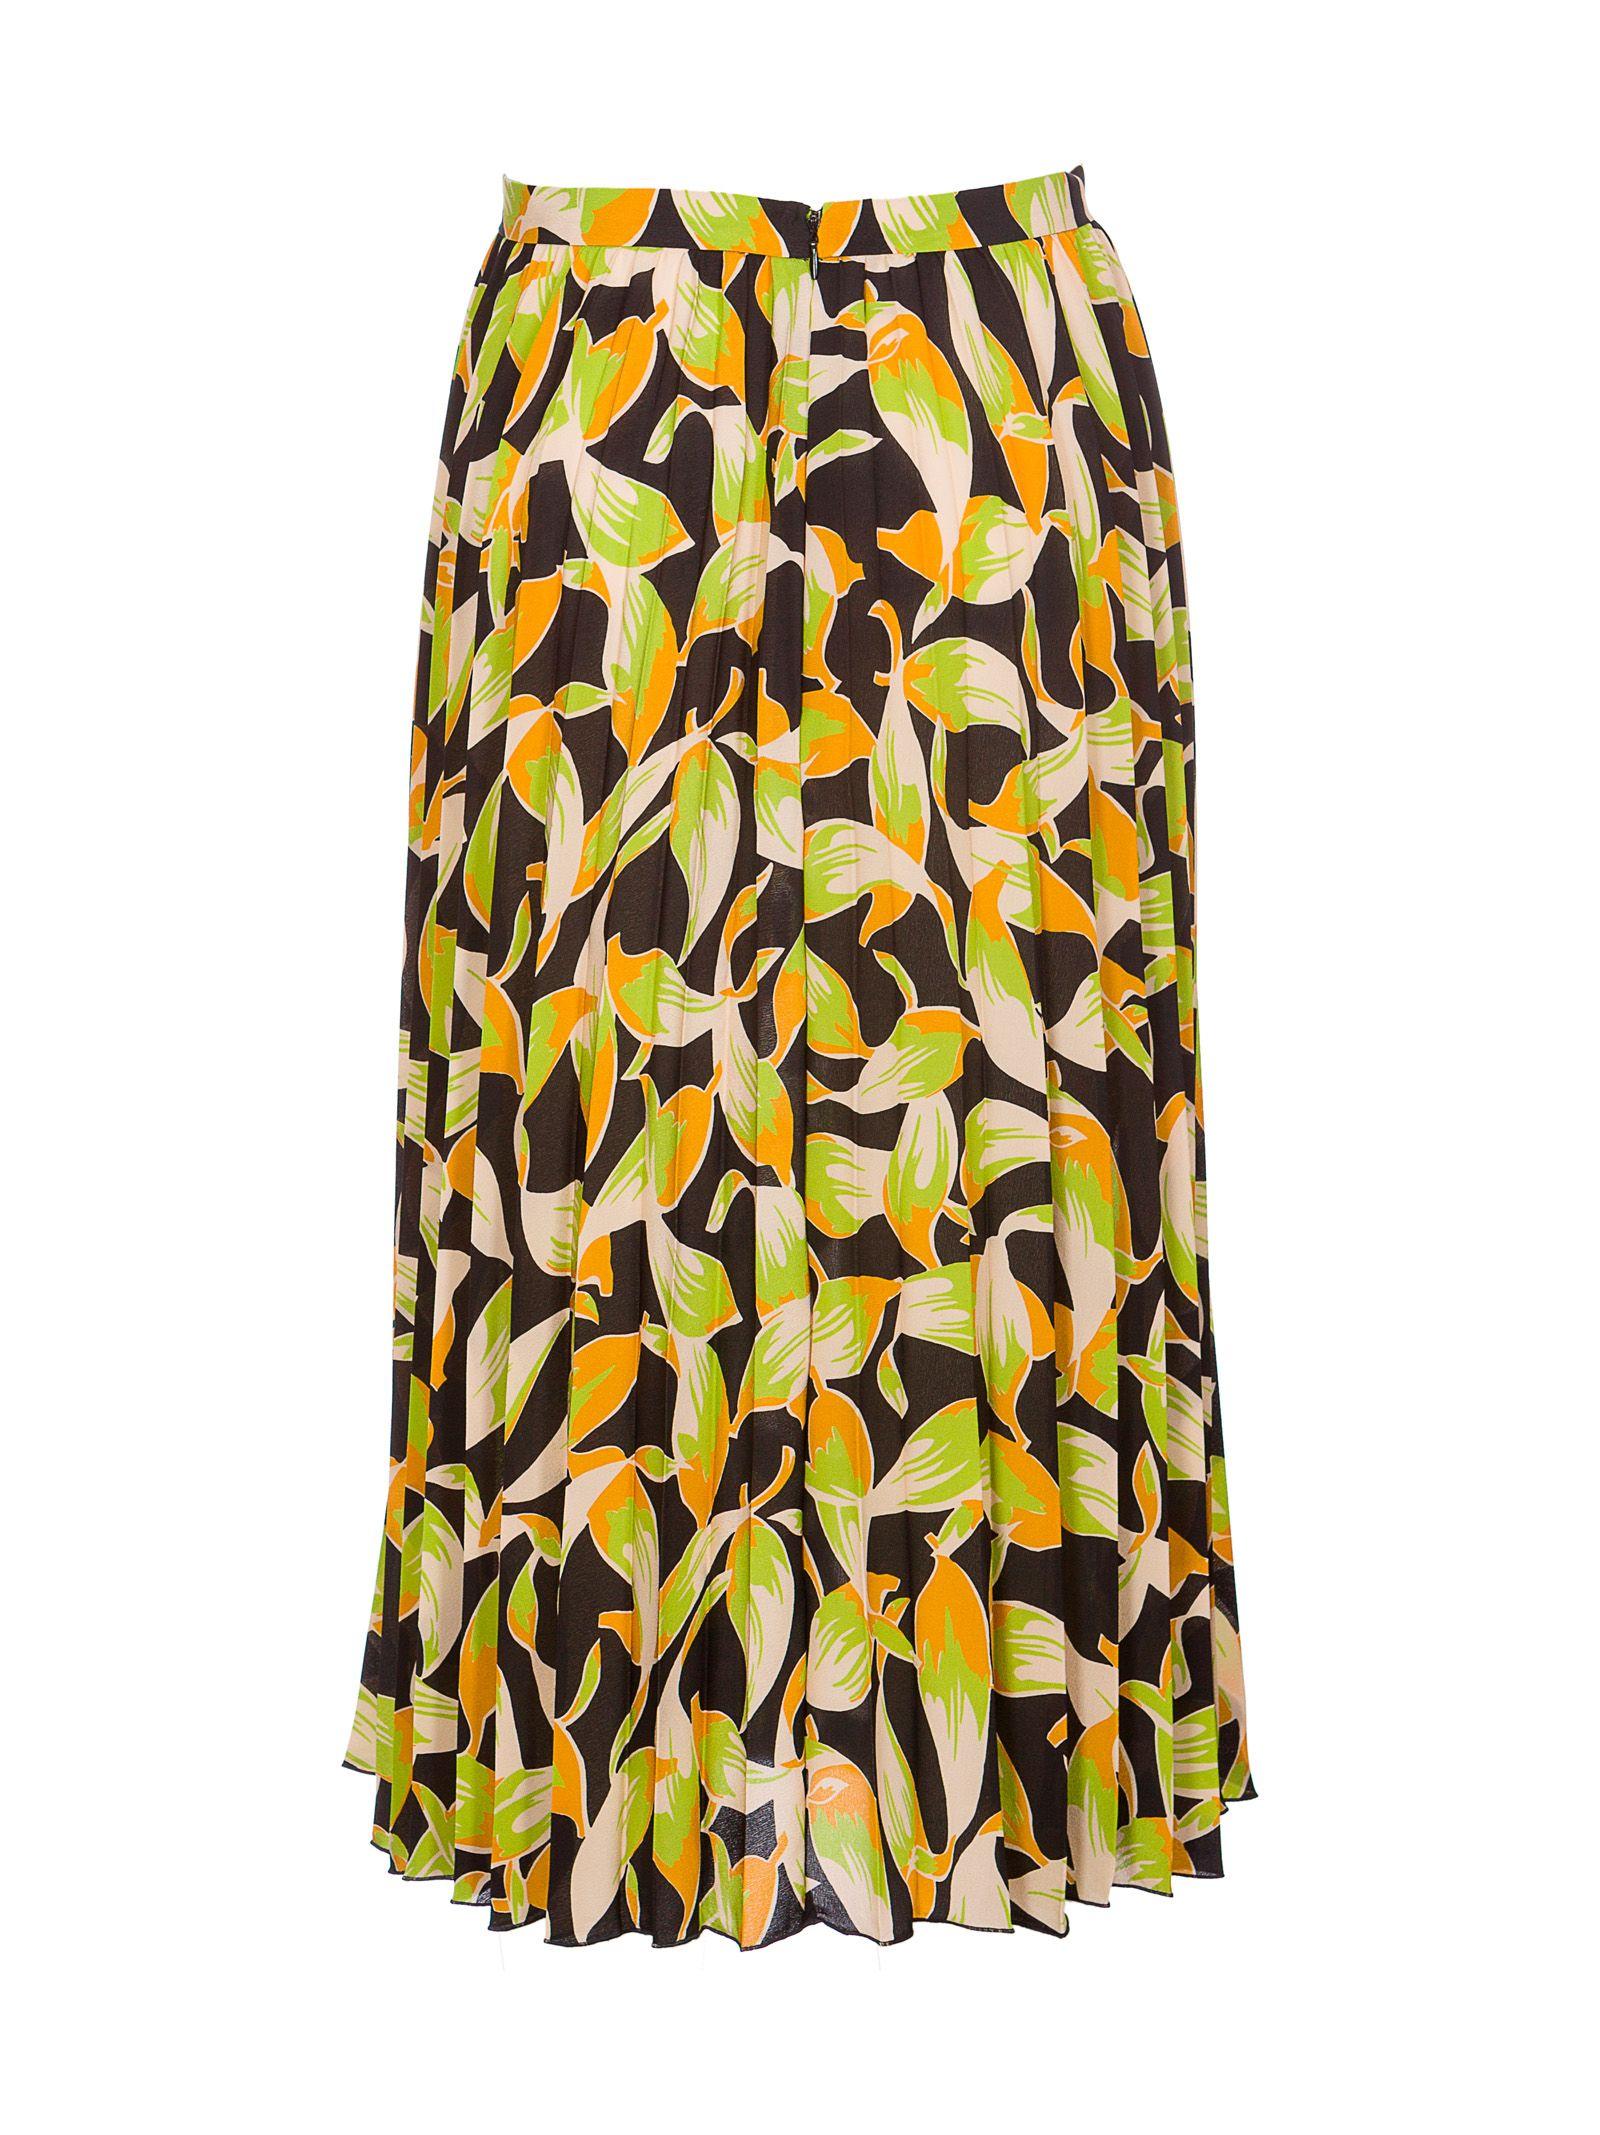 N.21 No21 Printed Skirt